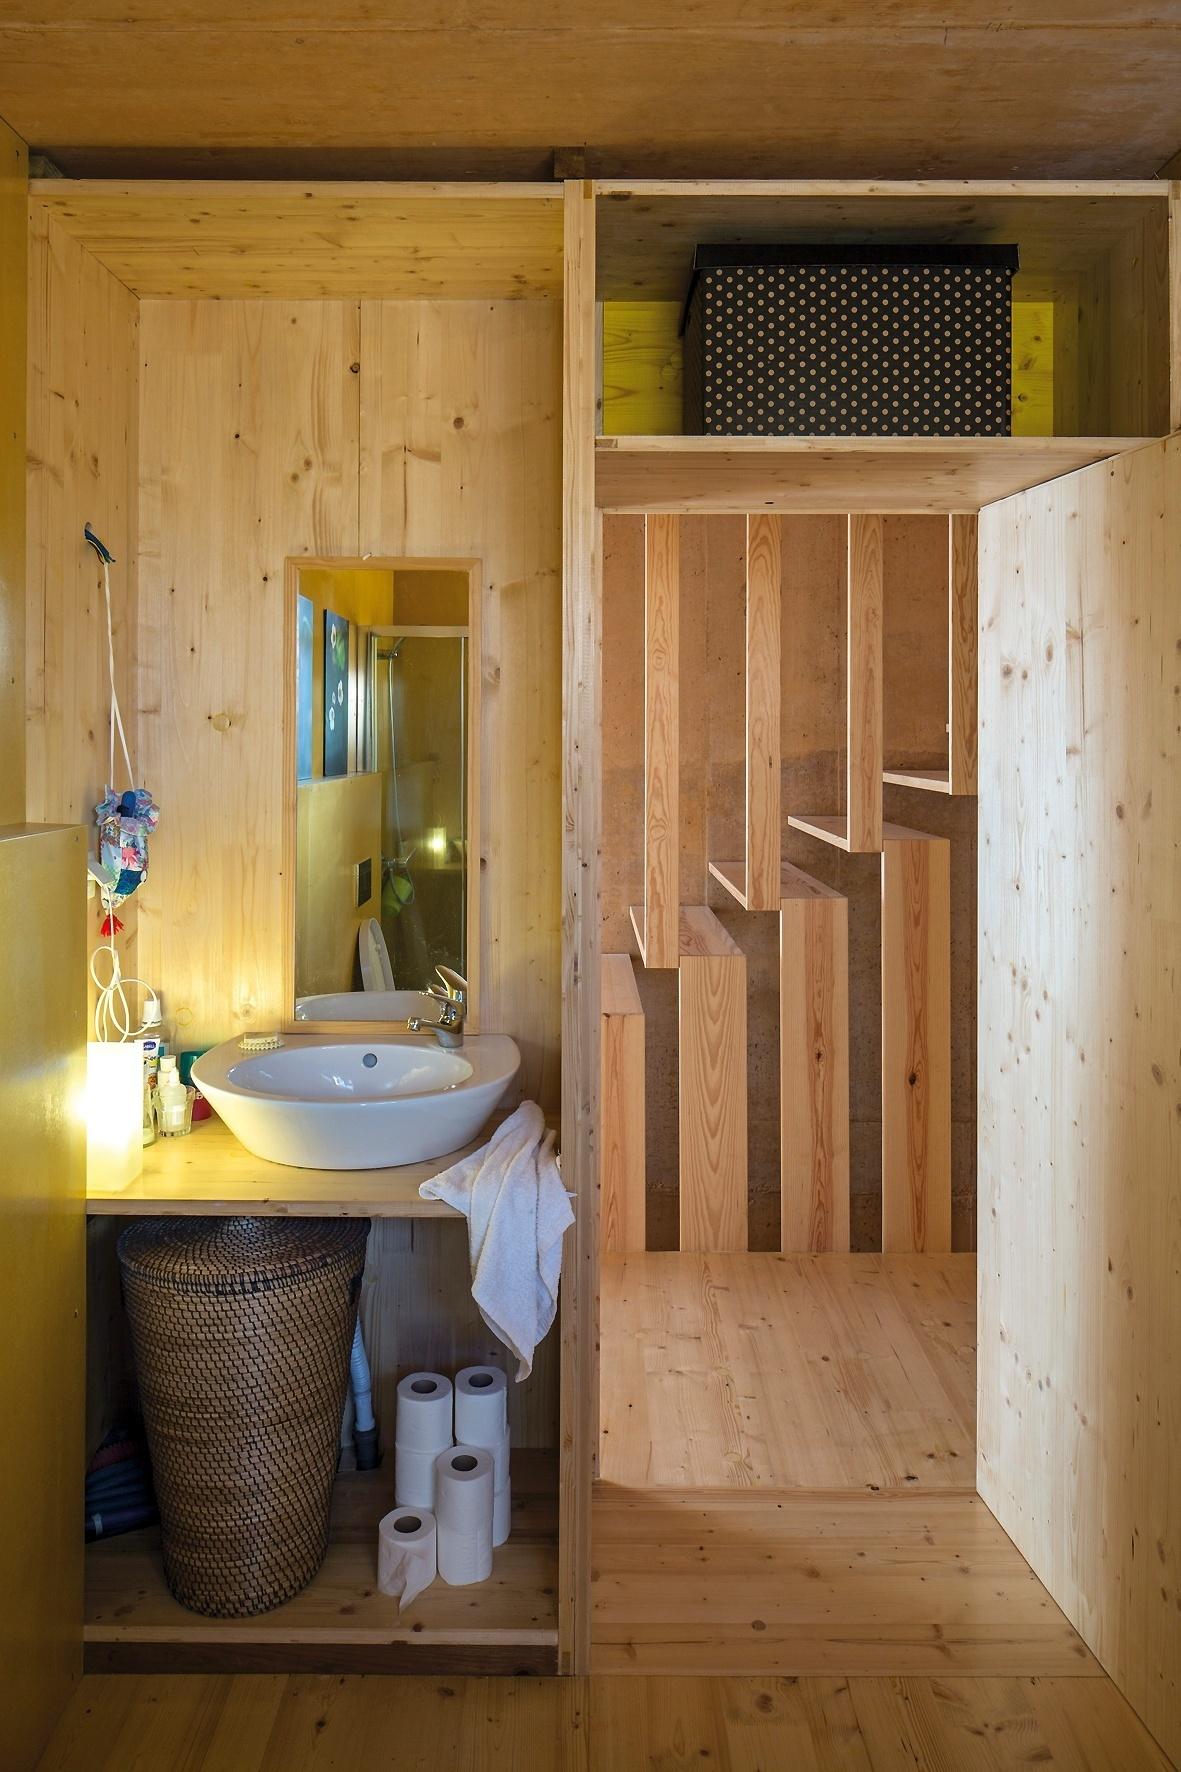 Banheiros pequenos: dicas de decoração para quem tem pouco espaço  #6C4A24 1181x1772 Banheiro Amarelo Decorado